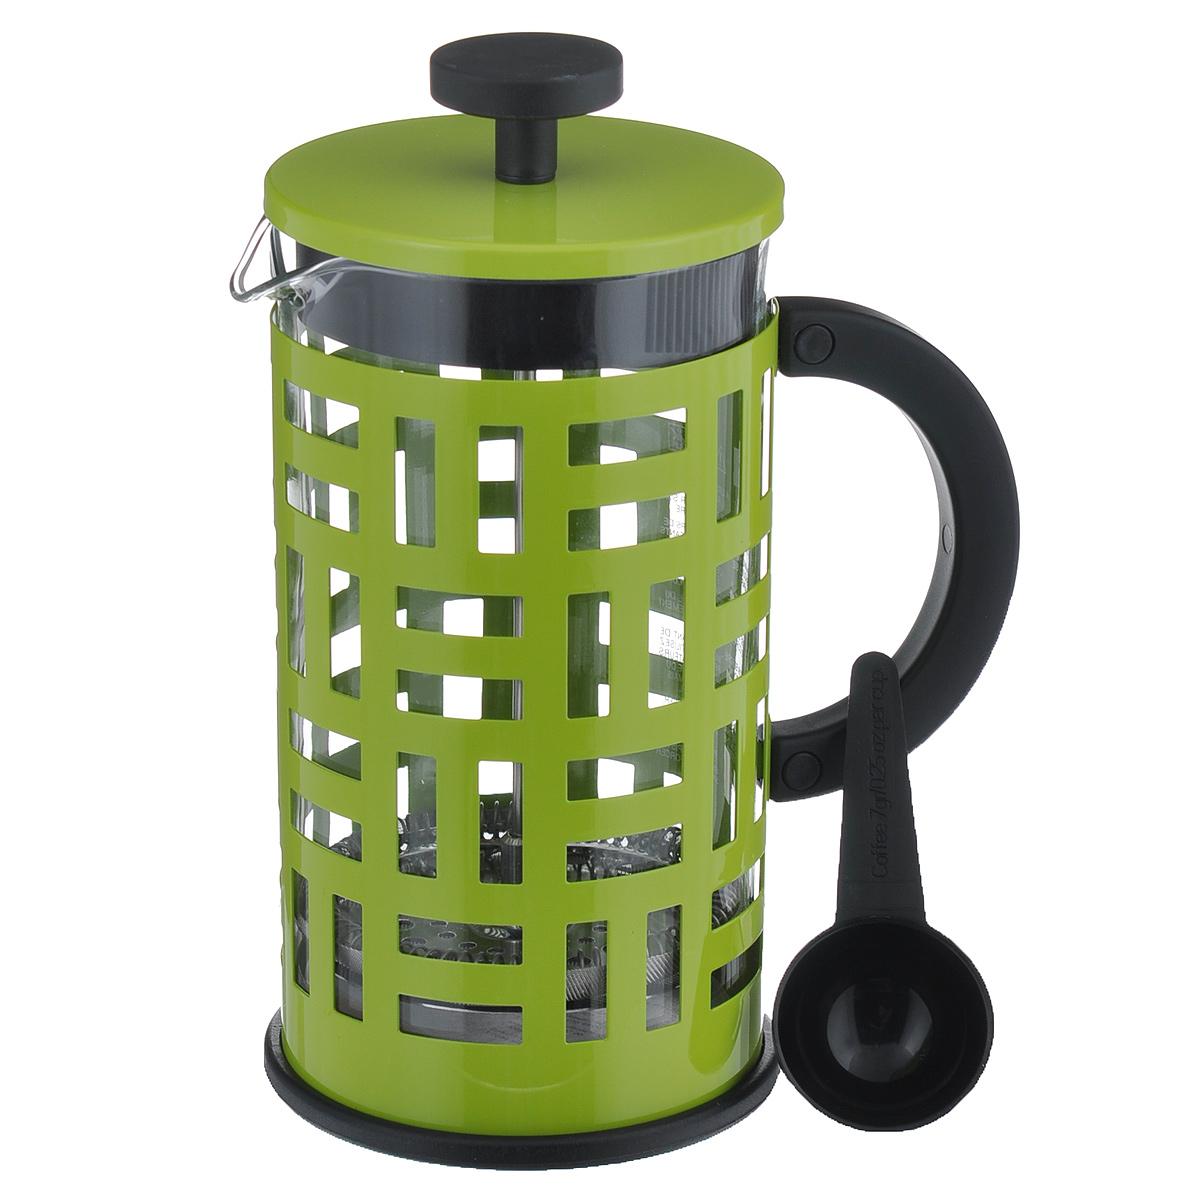 Кофейник Bodum Eileen с прессом, цвет: салатовый, 1 л11195-Кофейник Eileen с фильтром French Press и мерной ложечкой займет достойное место на вашей кухне. Современный дизайн полностью соответствует последним модным тенденциям в создании предметов бытовой техники. Кофейник снабжен легкой и удобной, покрытой специальным материалом, ручкой, позволяющей безопасно и удобно использовать его в любой ситуации - даже держать два кофейника одновременно. Цельная оправа из нержавеющей стали защищает хрупкую стеклянную емкость от толчков и ударов. В то же время эта оправа не заглушает аппетитный запах свежесваренного кофе.Настоящим ценителям натурального кофе широко известны основные и наиболее часто применяемые способы его приготовления: эспрессо, по-турецки, гейзерный. Однако существует принципиально иной способ, известный как French Press, благодаря которому приготовление ароматного напитка стало гораздо проще.Профессиональная серия Eileen была задумана и создана в честь великого архитектора и дизайнера - Эйлин Грей (Eileen Gray). При создании серии были особо учтены соображения функционального удобства. Стильный внешний вид и практичность в использовании сделали Eileen чрезвычайно востребованной серией. Объем кофейника: 1 л.Высота кофейника (с учетом крышки): 22 см.Диаметр кофейника (по верхнему краю): 11 см.Длина ложечки: 10 см.